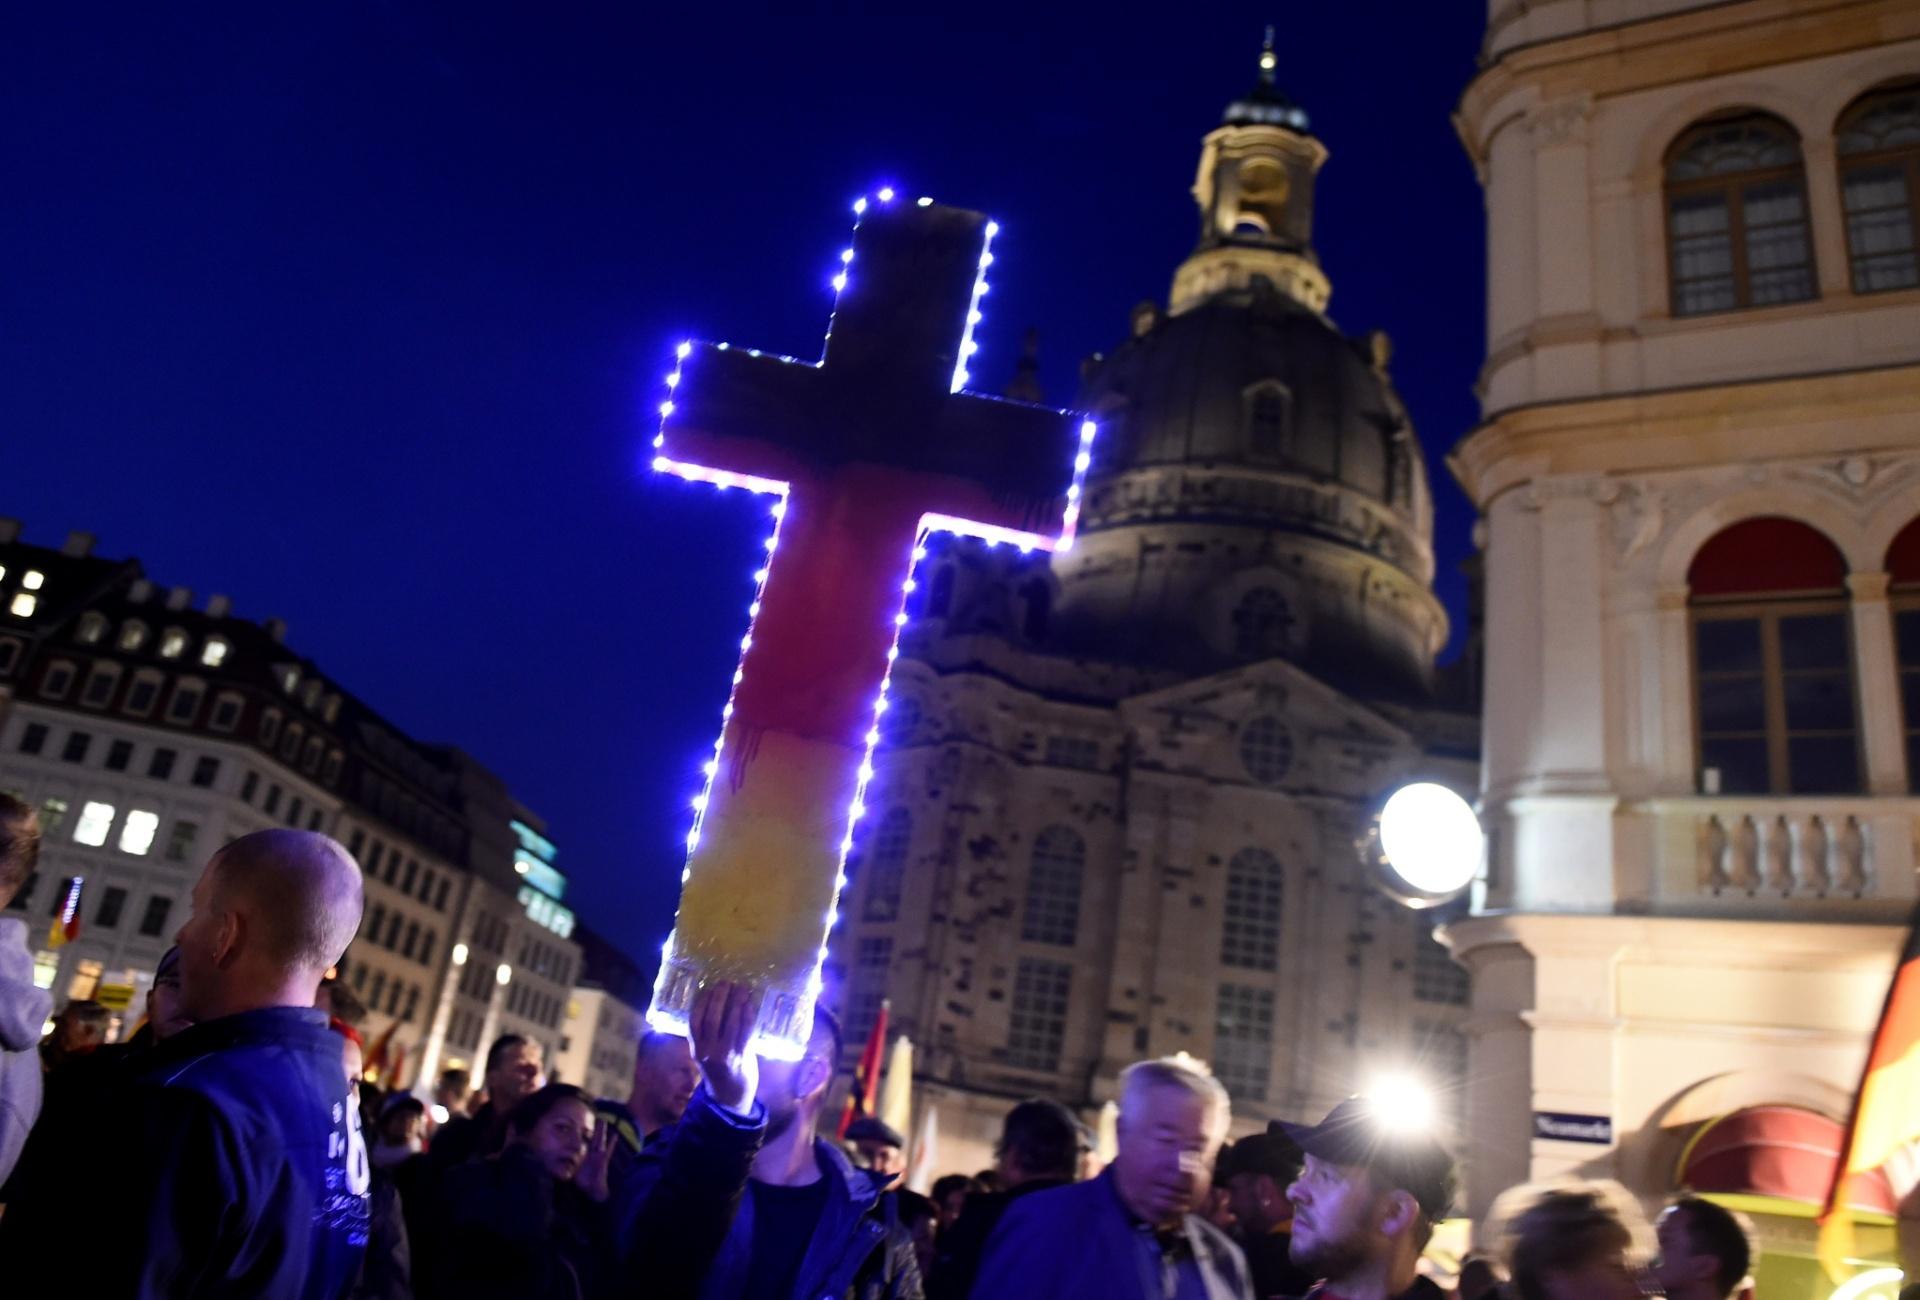 5.out.2015 - Manifestante ergue cruz pintada com as cores da bandeira da Alemanha durante protesto na cidade de Dresden contra a entrada maciça de refugiados no país. A manifestação reuniu quase dez mil pessoas e foi convocada pelo movimento Pegida (Patriotas Europeus contra a Islamização do Ocidente, em alemão)